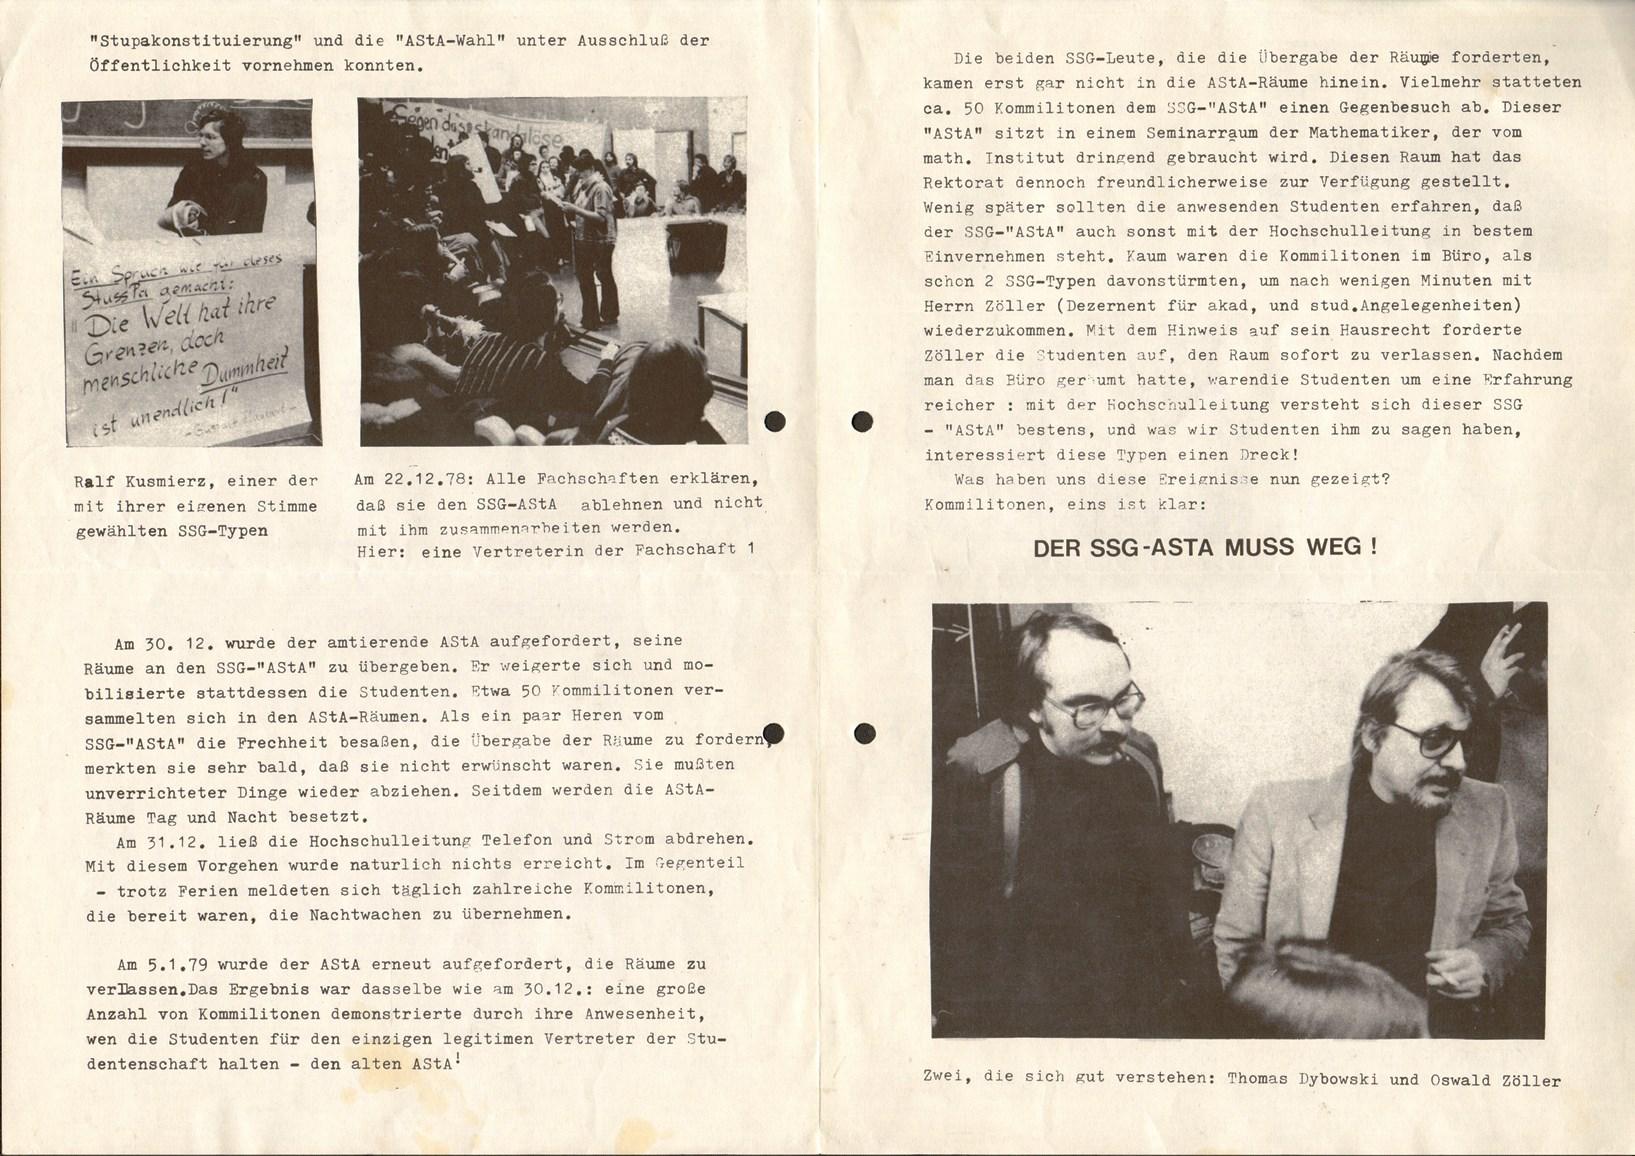 Essen_KSBML_Rote_Studenten_19790100_02